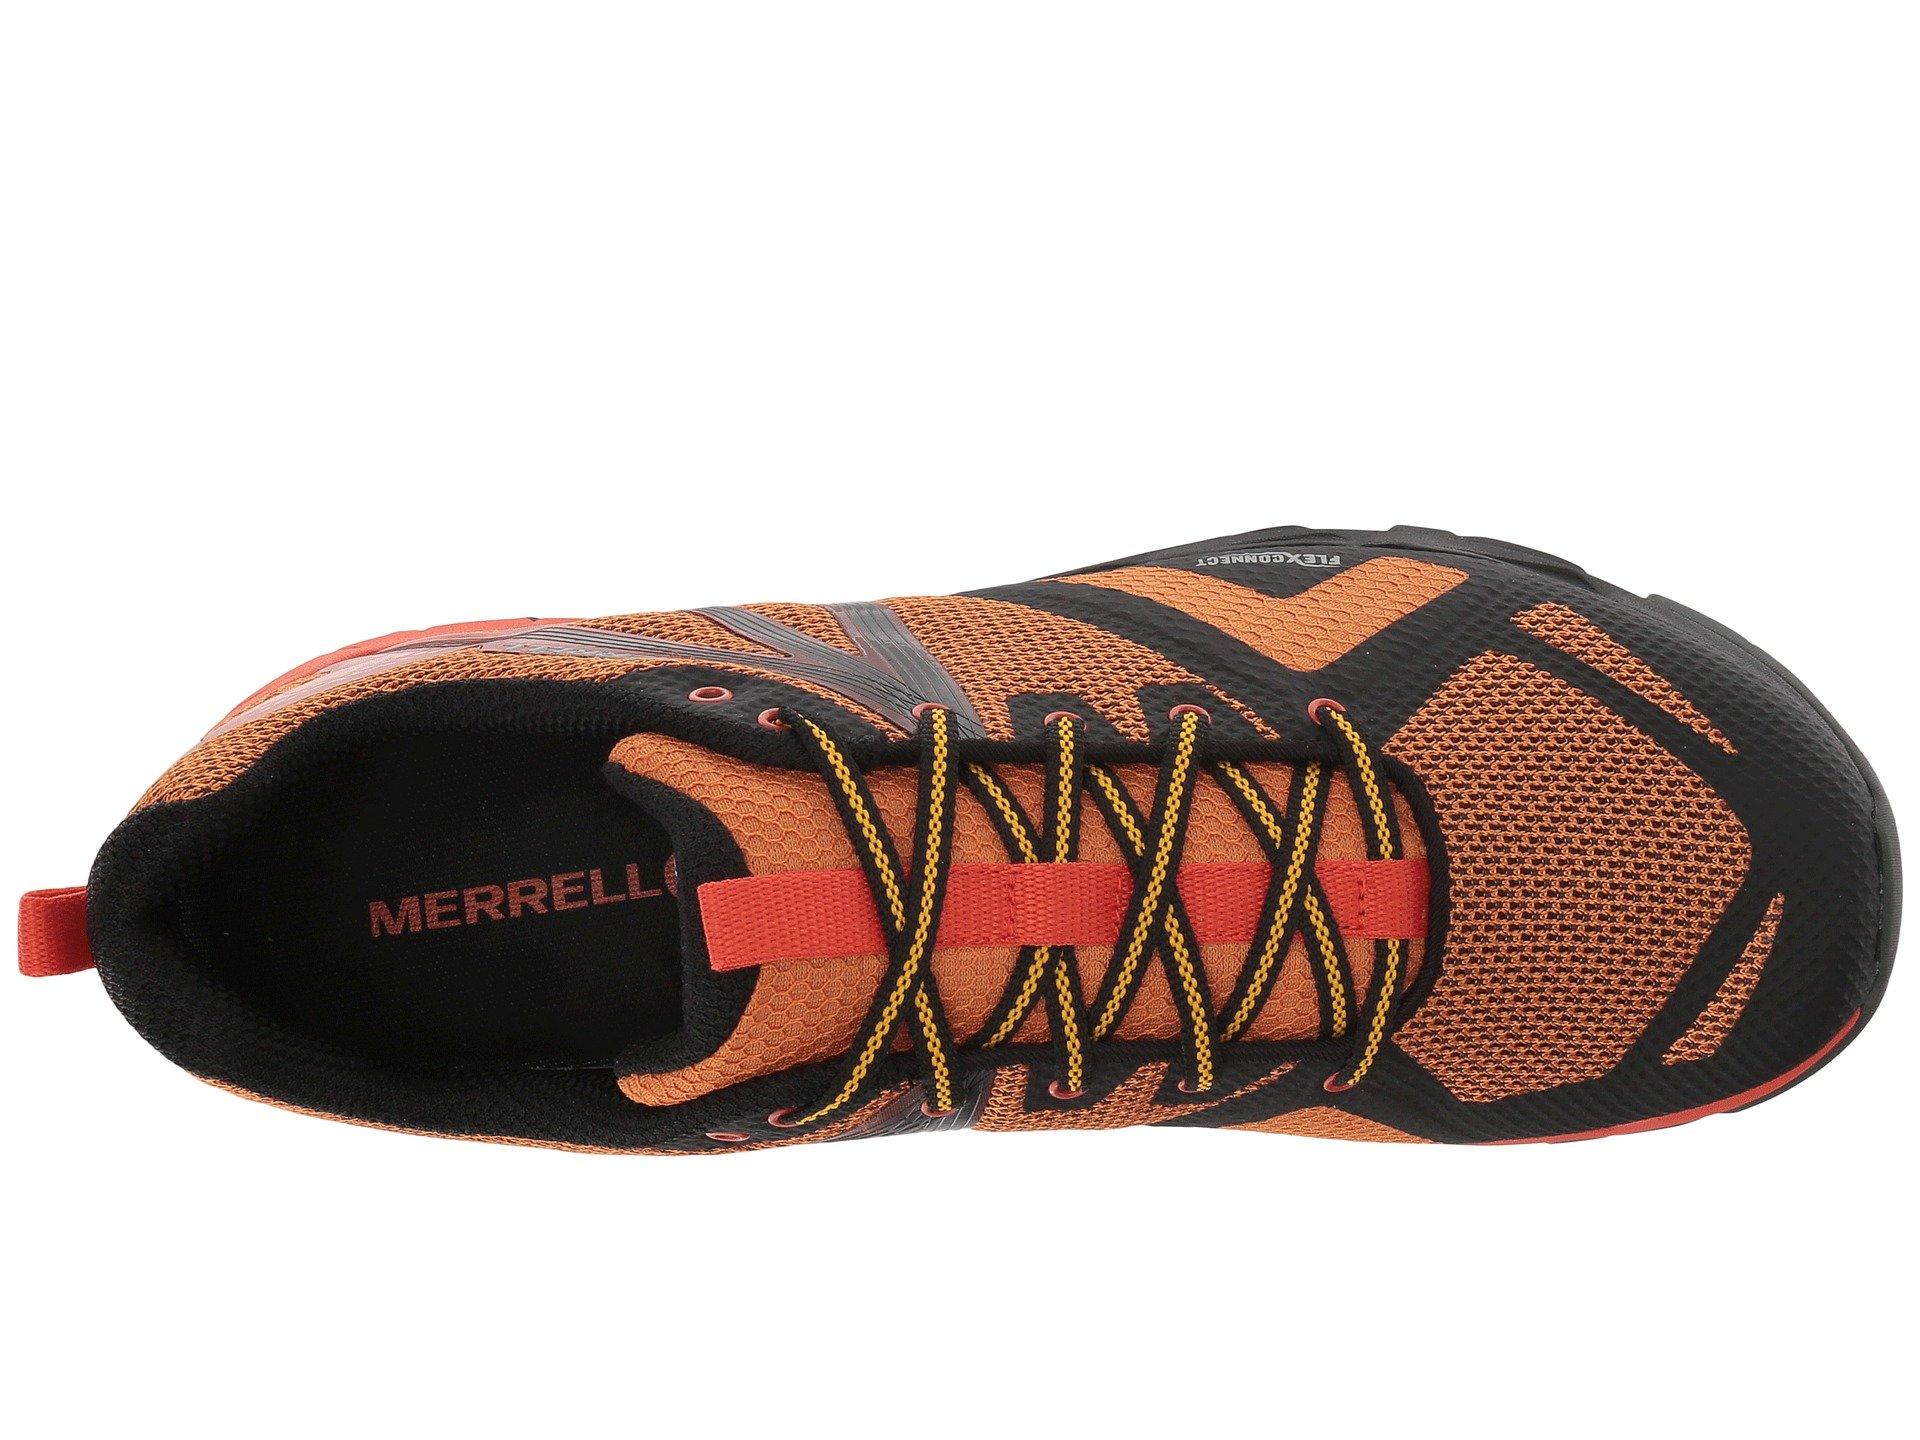 Merrell Old Flex Merrell Mqm Mqm Gold PBd4xqPR